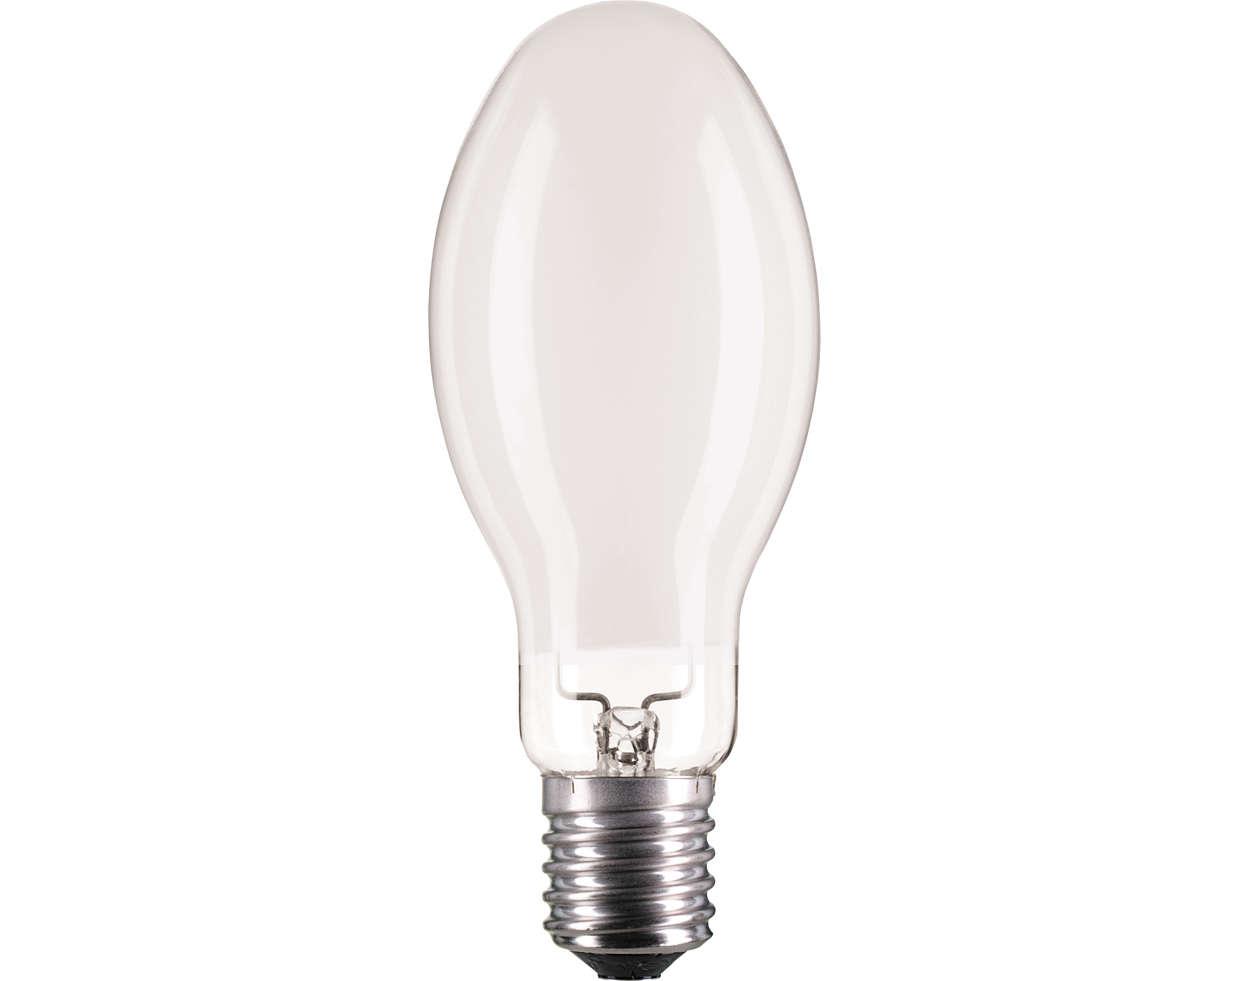 Energeticky vysoce účinné a nejspolehlivější řešení pro osvětlení komunikací